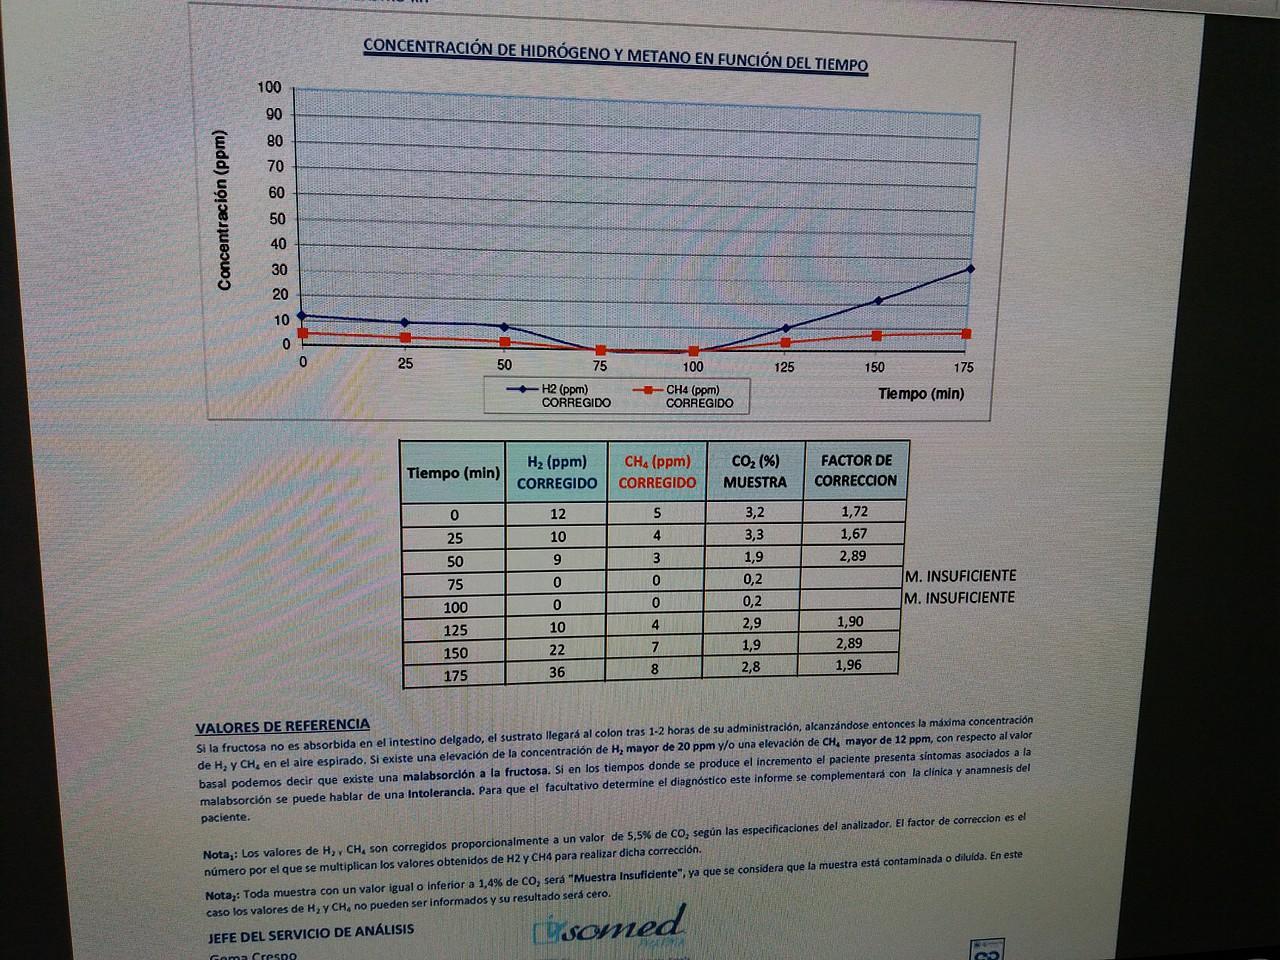 test de hidrogeno espirado gestation sobrecrecimiento bacteriano